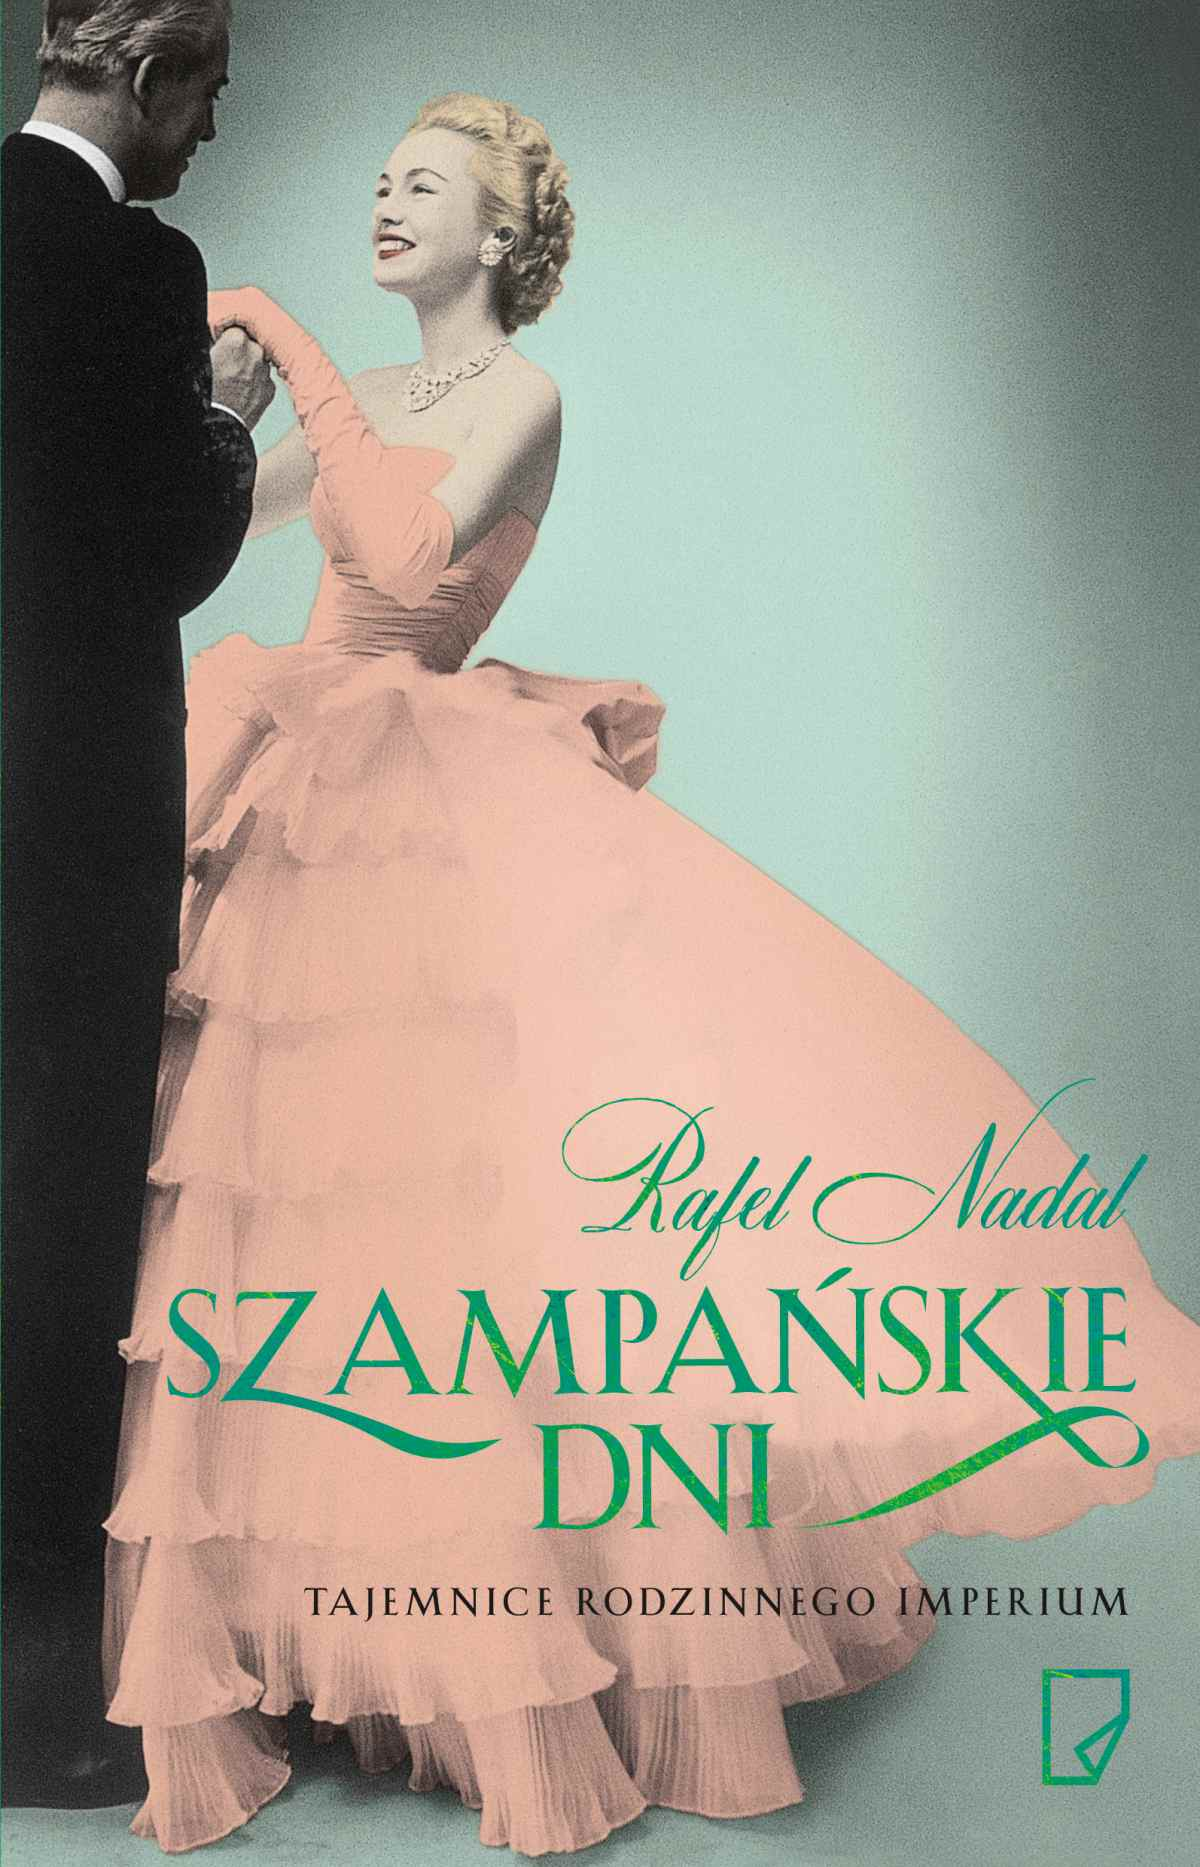 Szampańskie dni - Ebook (Książka EPUB) do pobrania w formacie EPUB